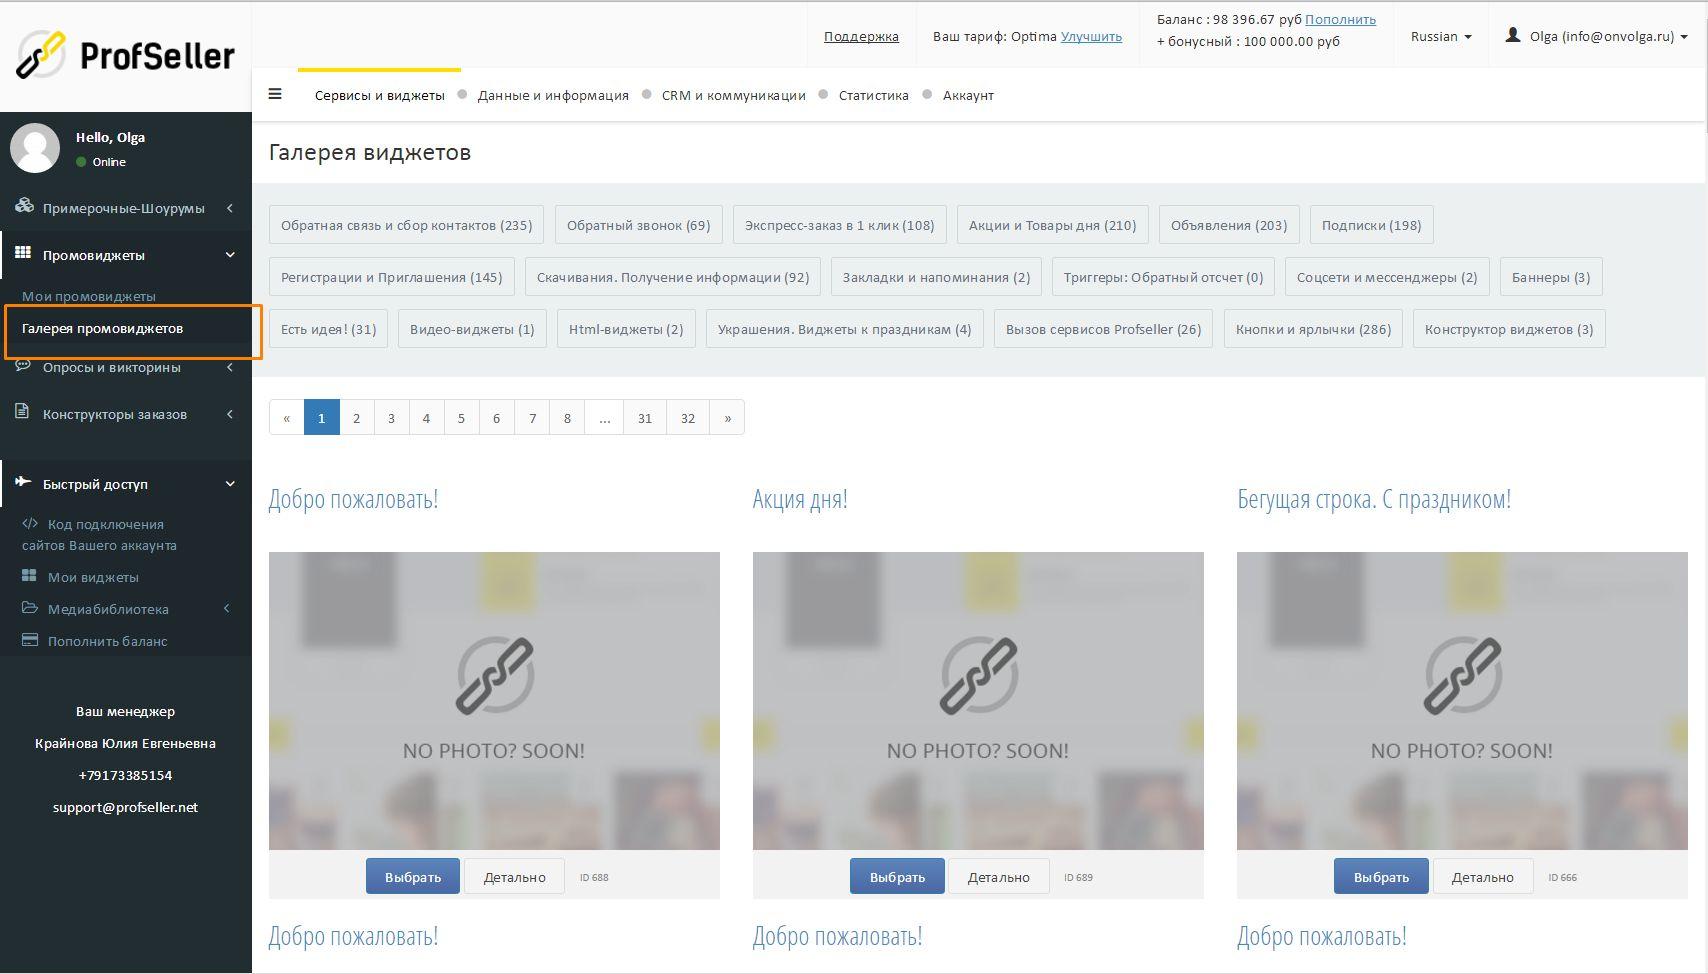 Как создать виджет - Увеличить продажи: повышение конверсии, привлечение клиентов, контент, виджеты для сайта и интернет-магазин